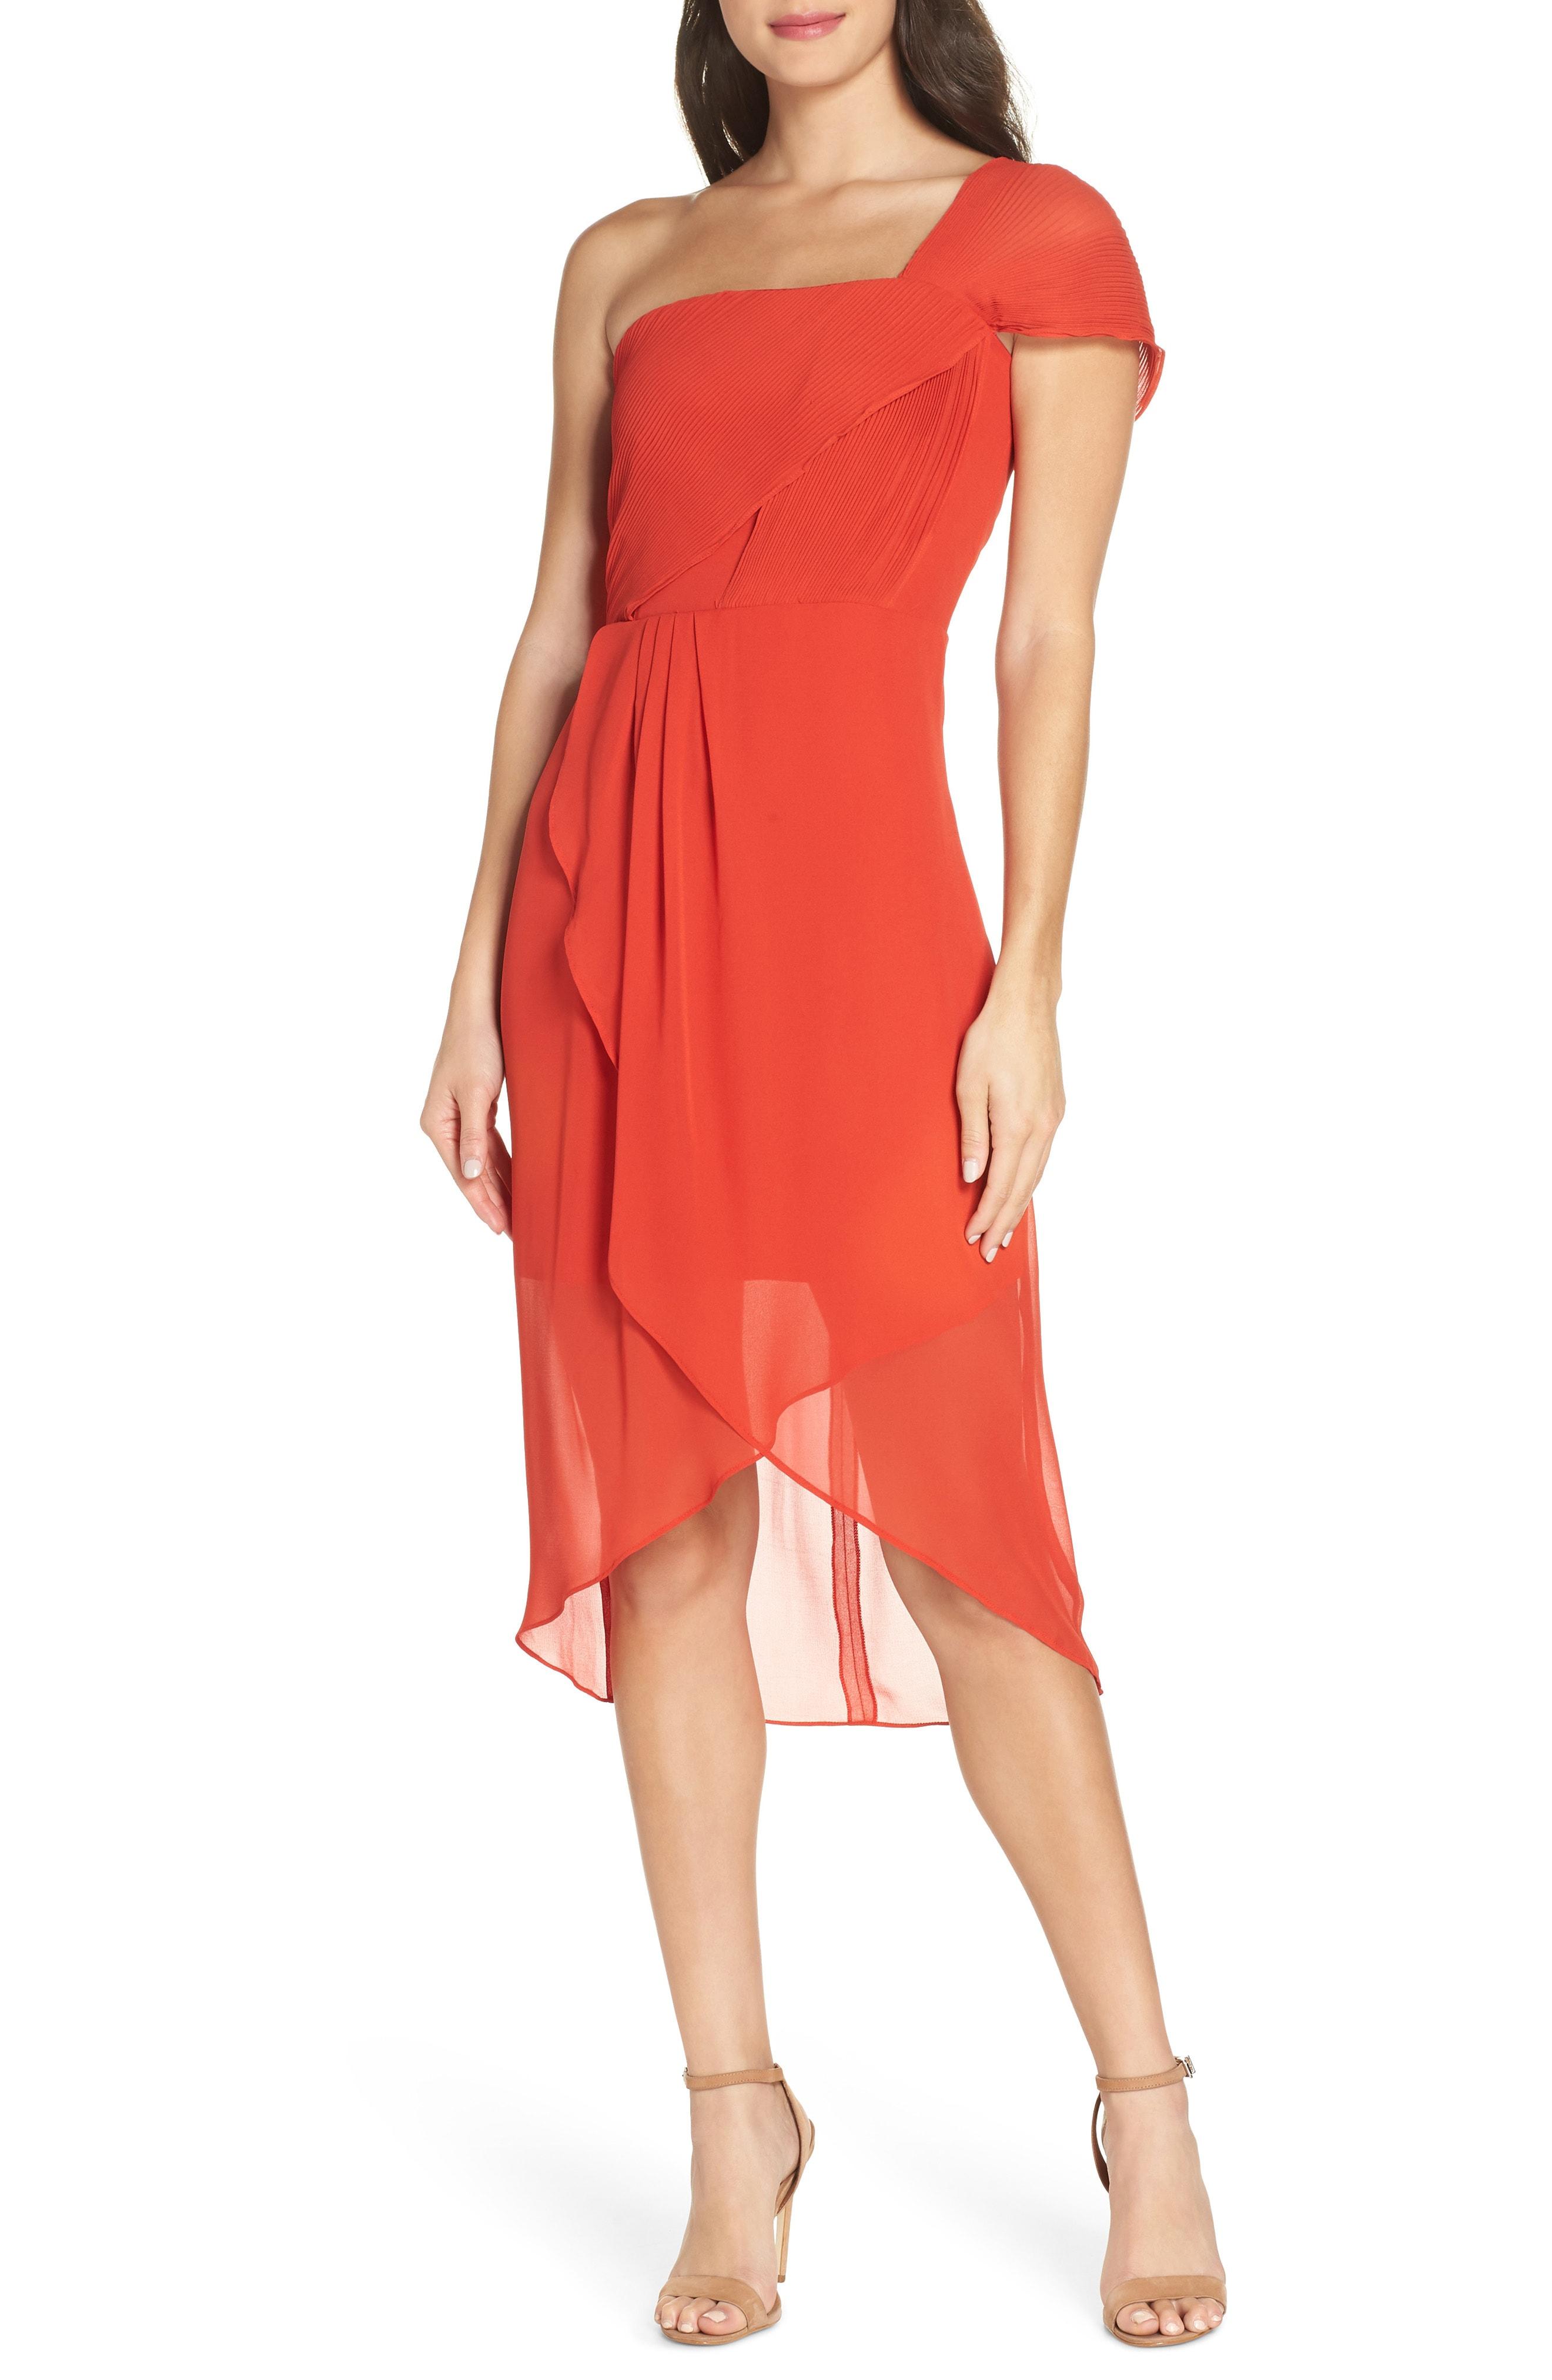 Cooper St Saffron One-Shoulder High/Low Dress